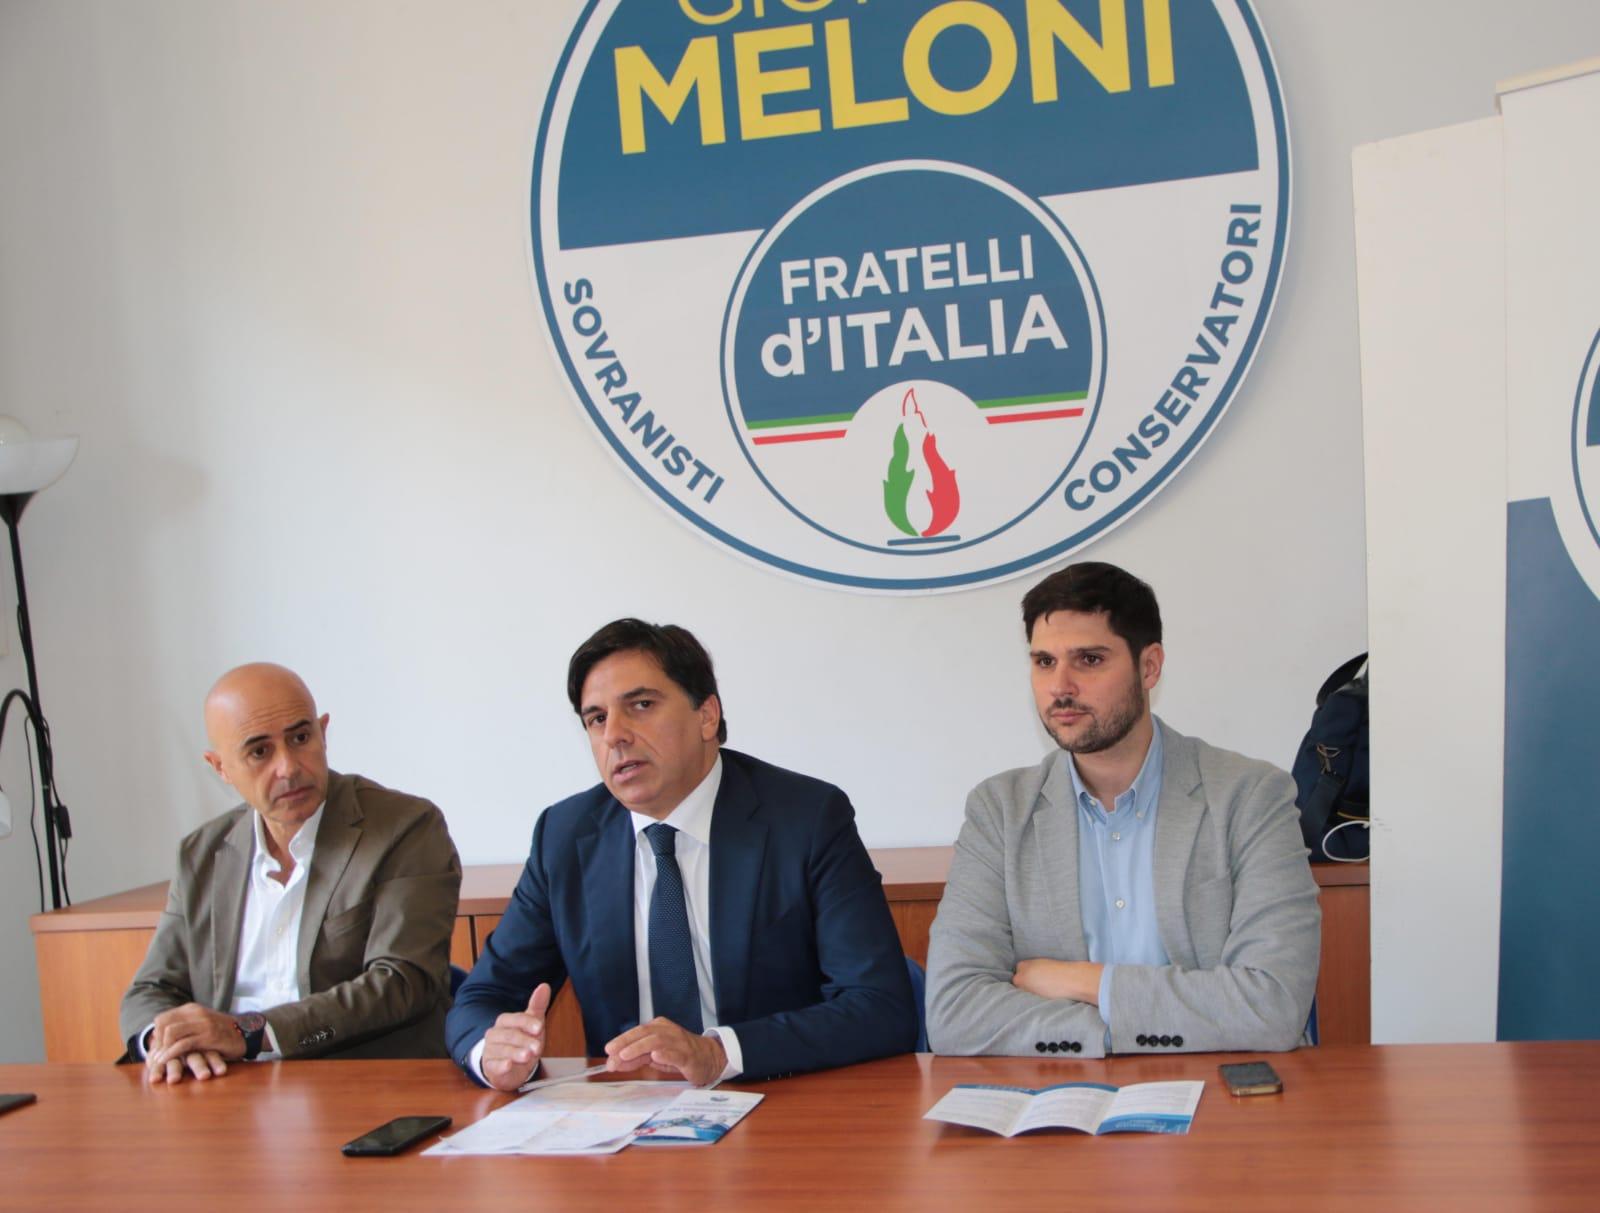 Sicilia in zona arancione, l'ira di Fratelli d'Italia: a rischio migliaia di posti di lavoro